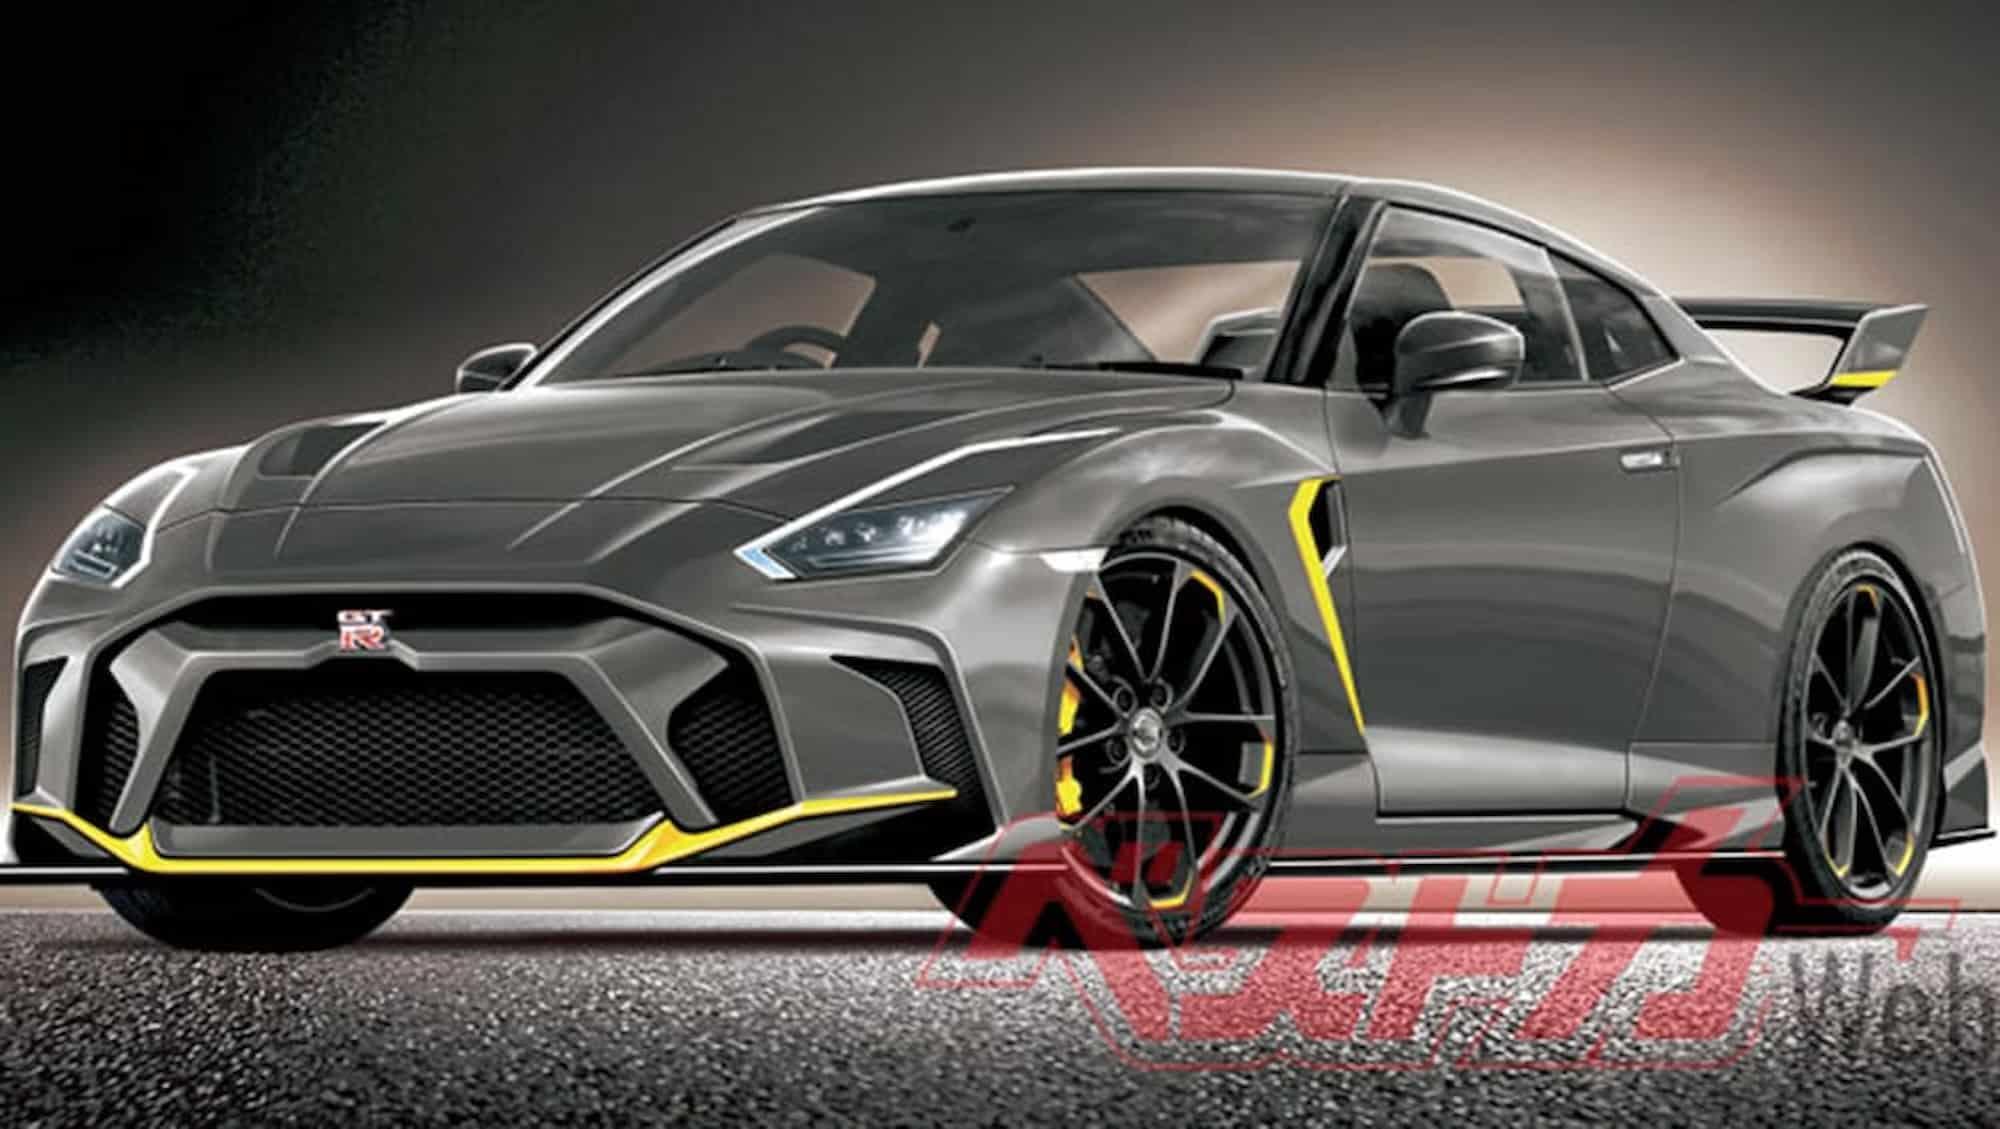 2022 Nissan GT R Final coupe grey Best Car Web 1001x565 1